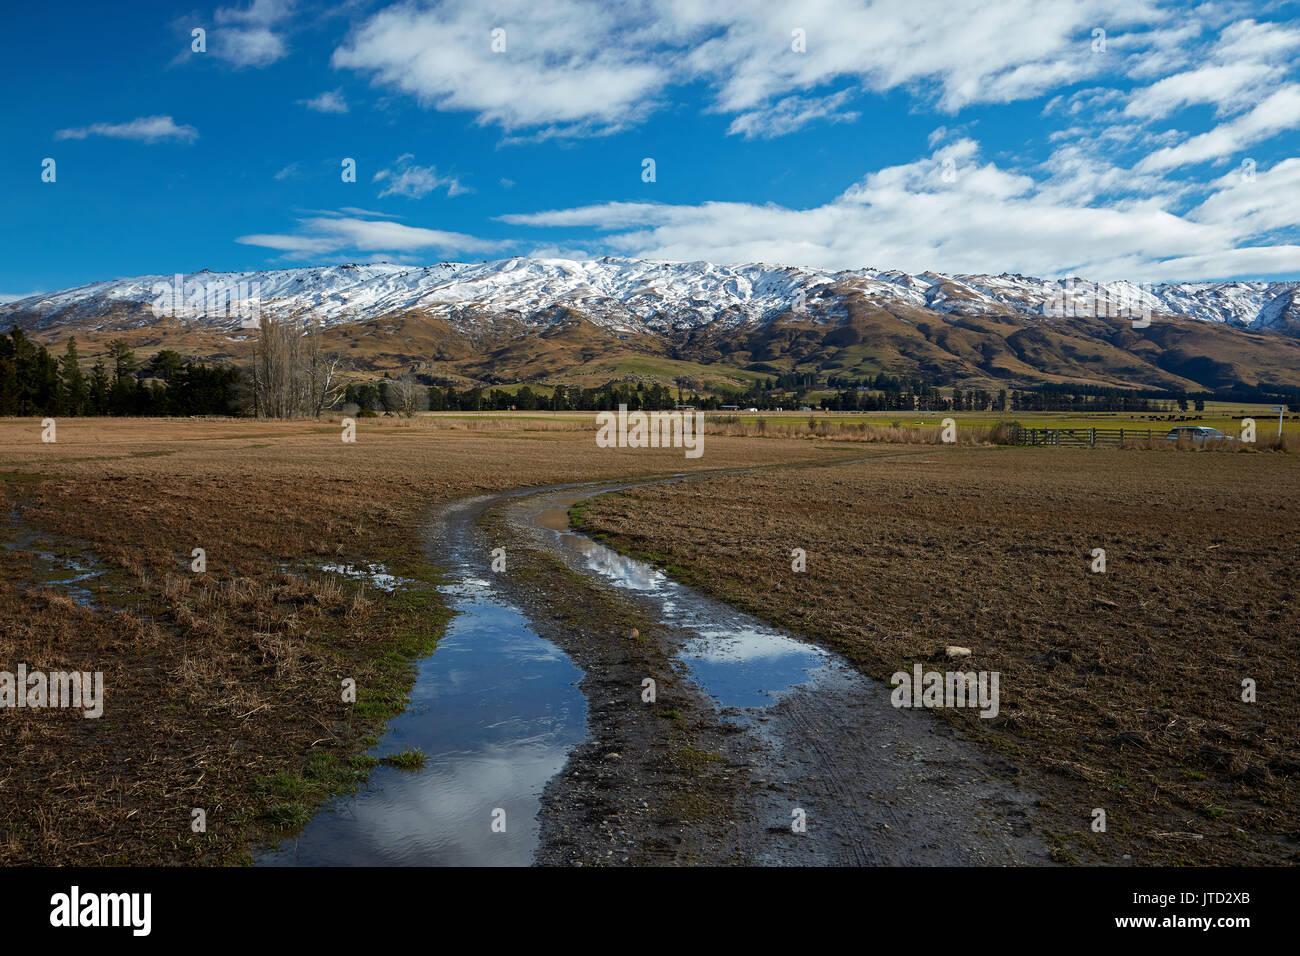 Pista agrícola y roca y Pilar Gama, Sutton, cerca de Middlemarch, Strath Taieri, Otago, Isla del Sur, Nueva Zelanda Imagen De Stock